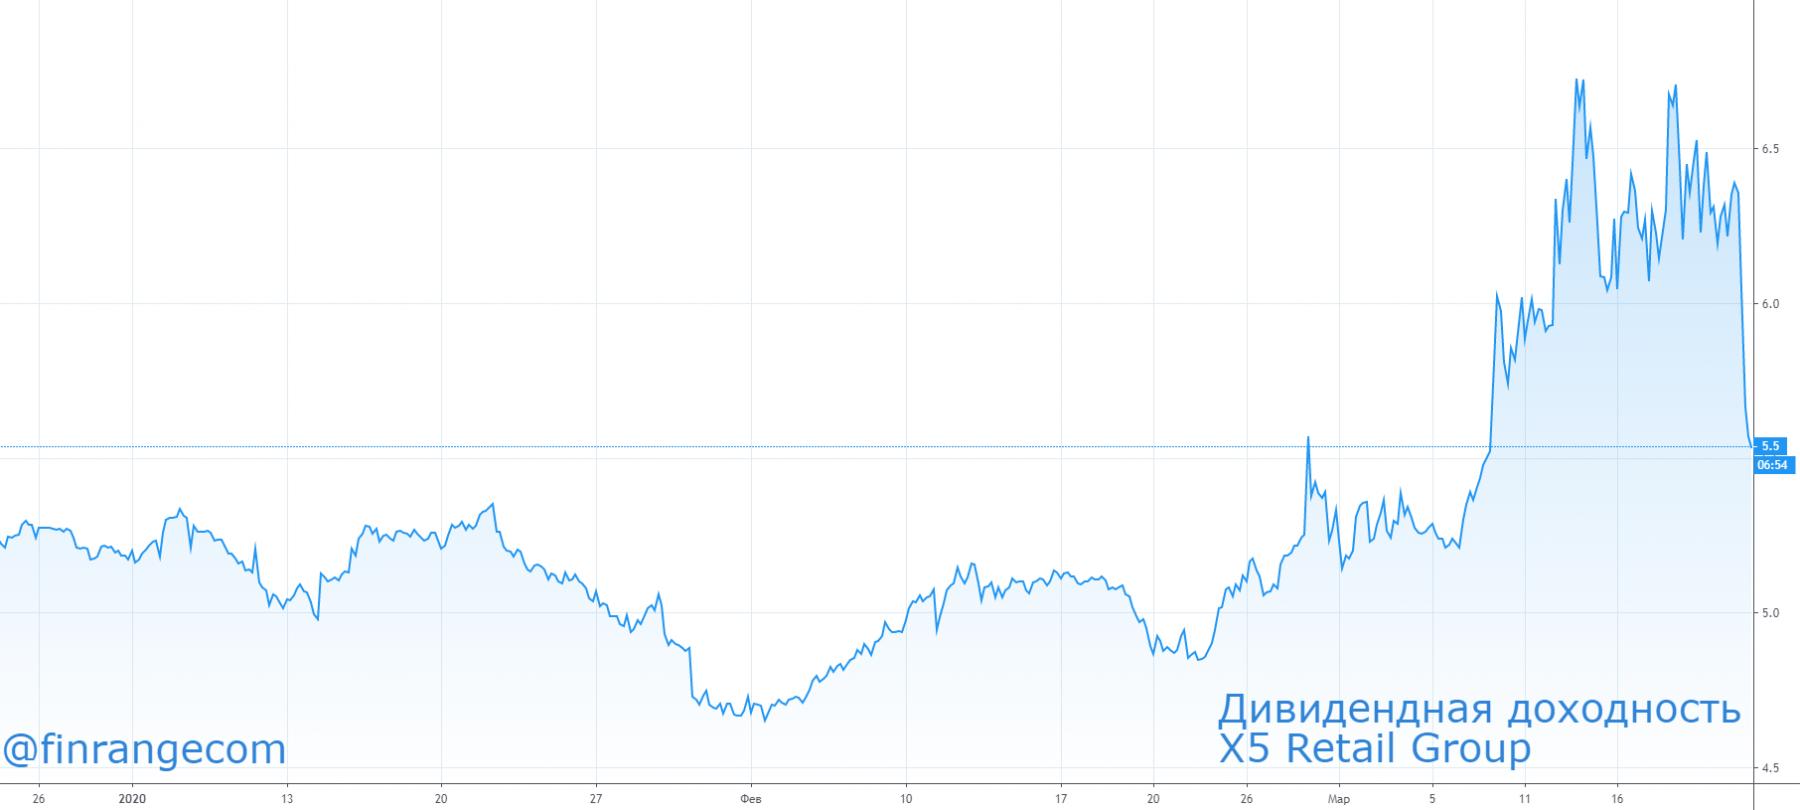 X5 Retail Group: финансовые результаты за 2019 г. Коронавирус способствует продажам